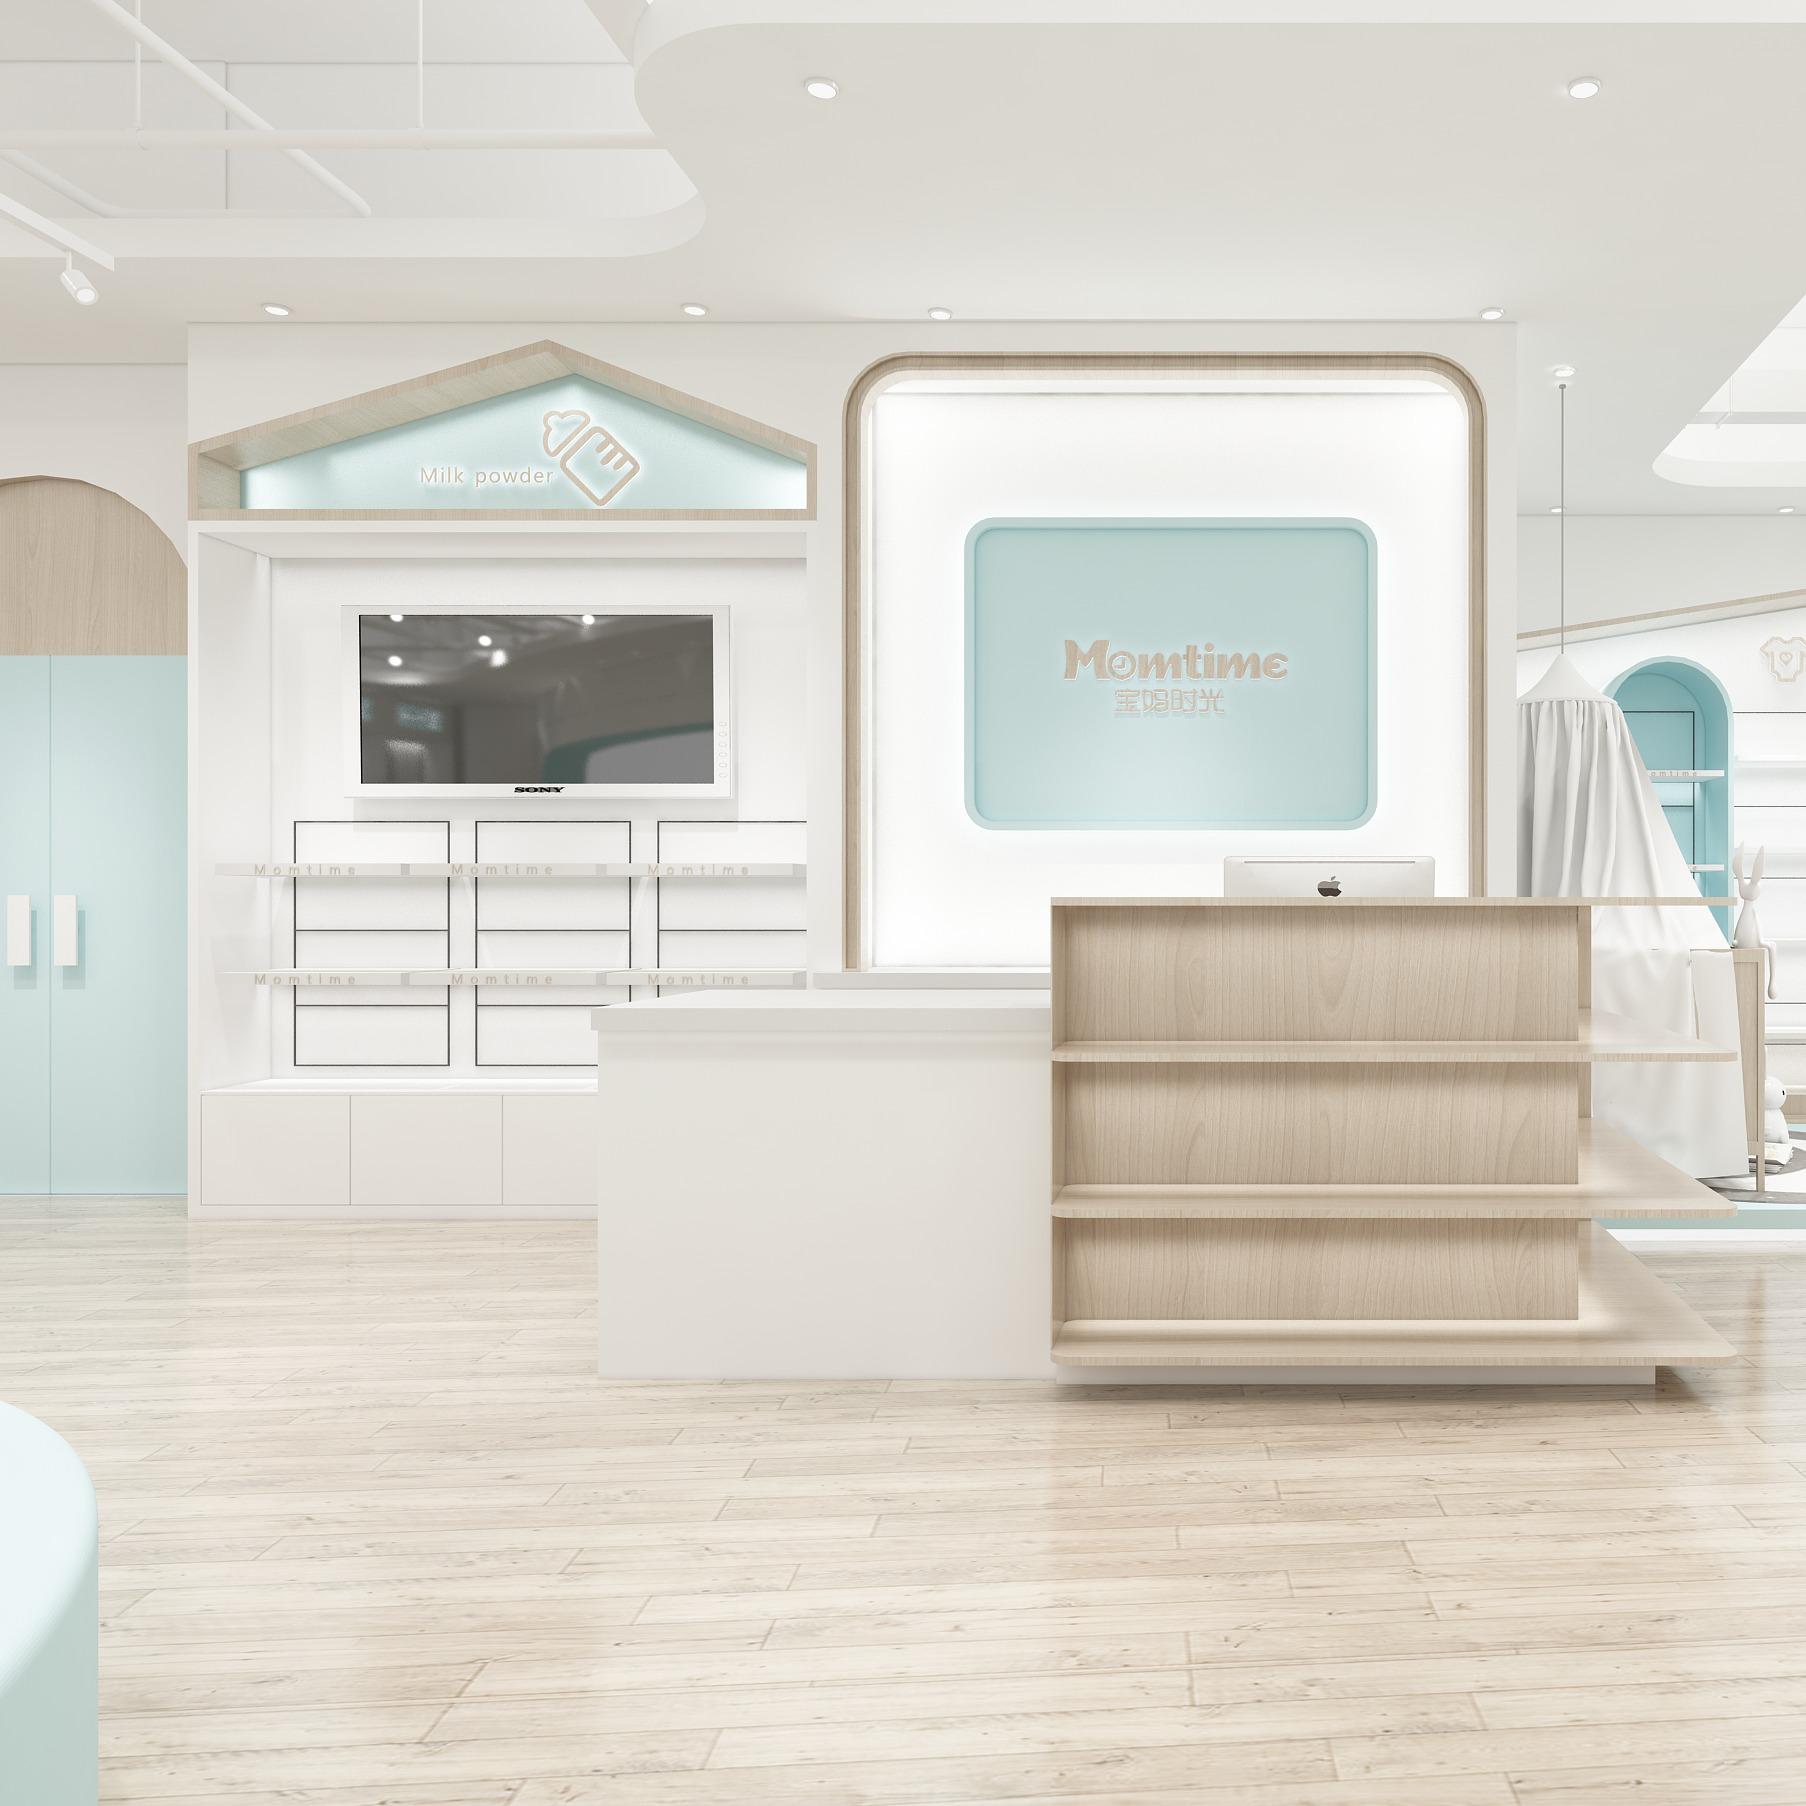 室内装修效果图展厅设计连锁加盟店面设计专卖店外观装修母婴店